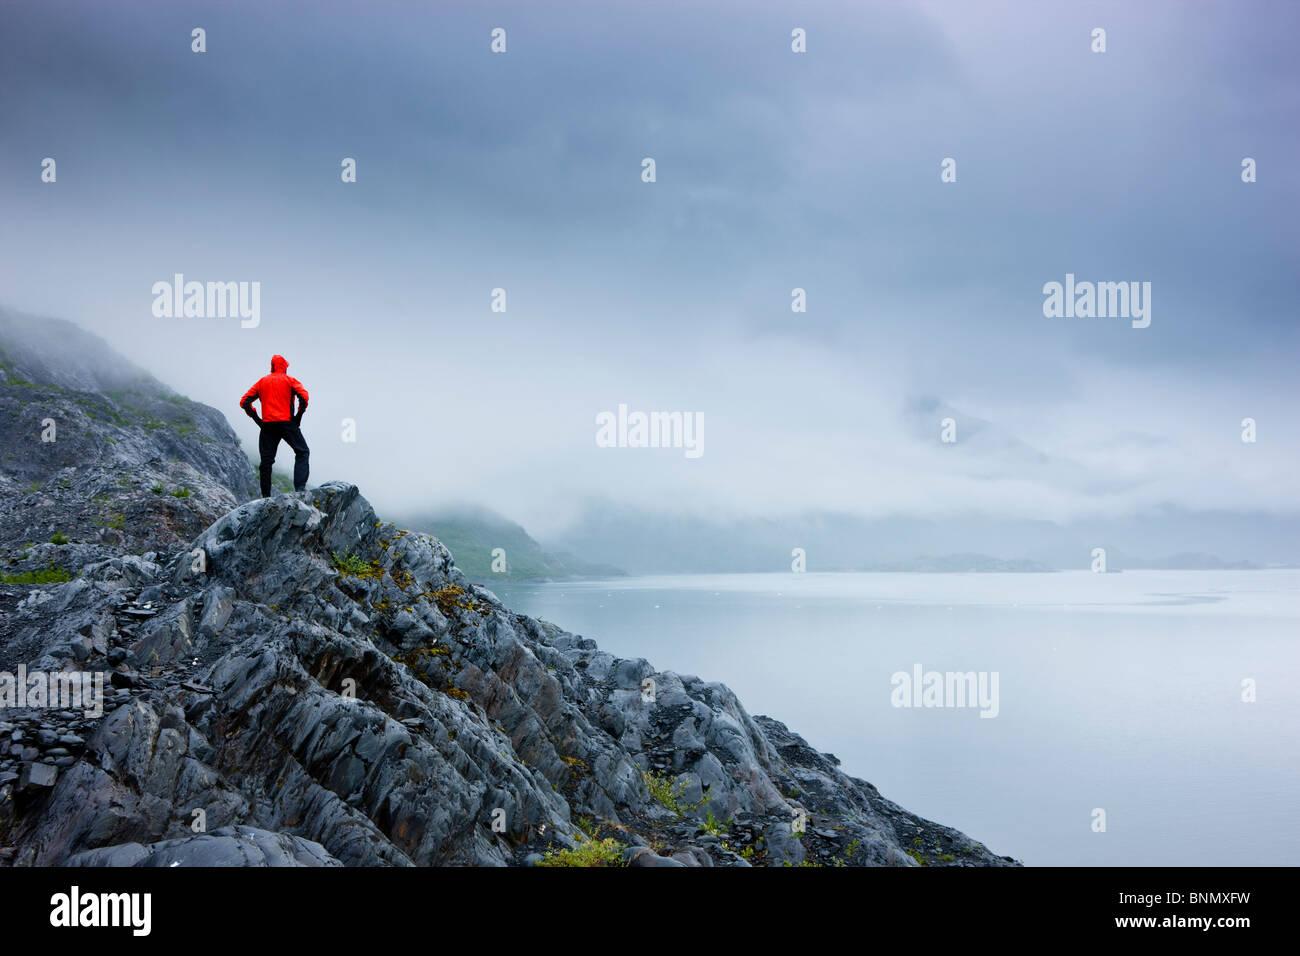 Un escursionista solitario sorge su un affioramento roccioso affacciato sulla Baia di Shoup membro Marine Park, Immagini Stock